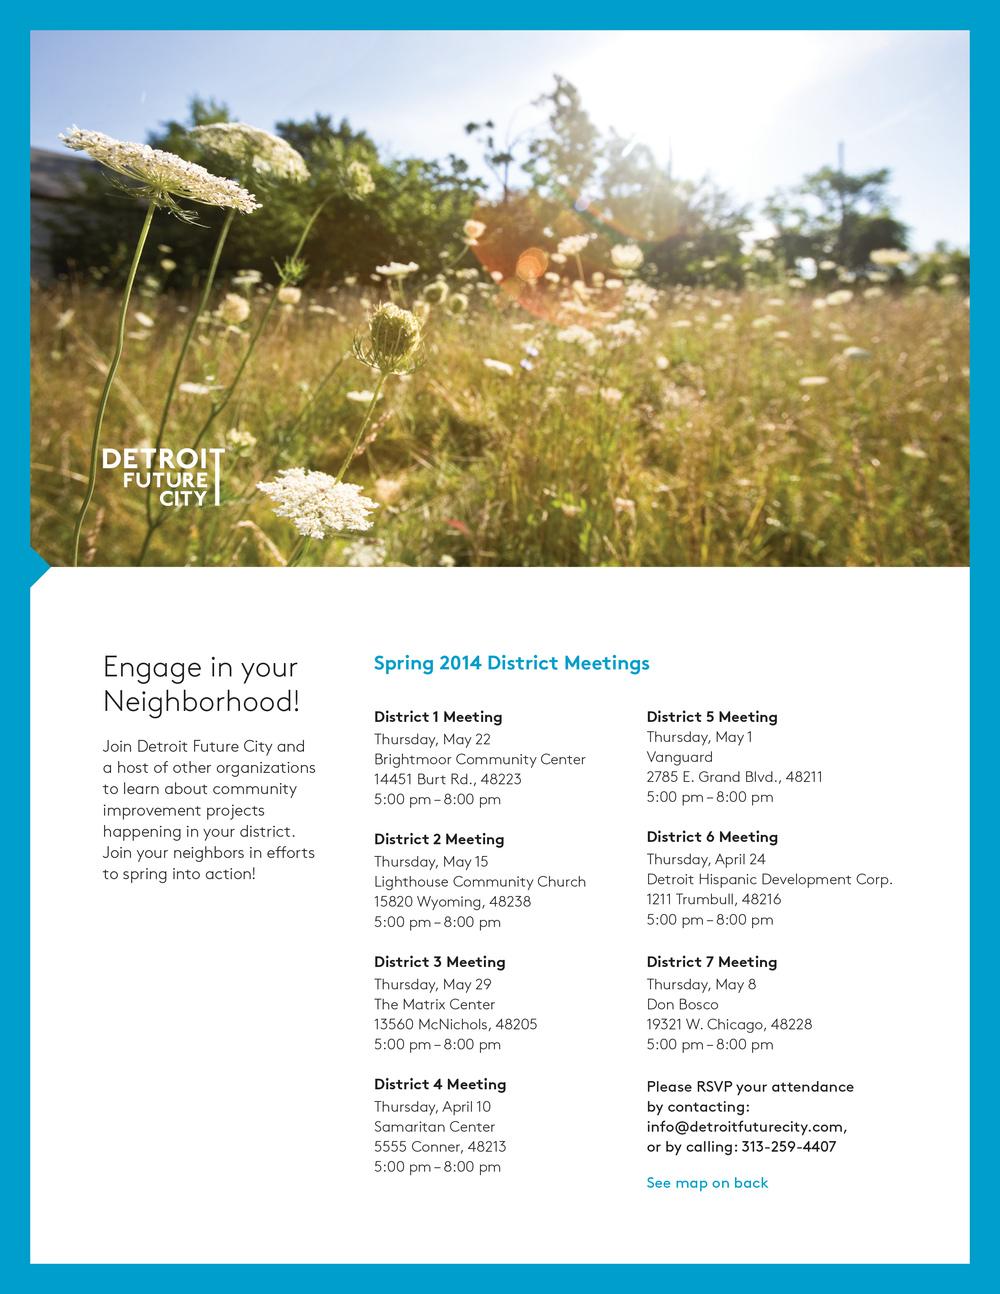 Download-2014-District-Meetings-Flyer-1.jpg